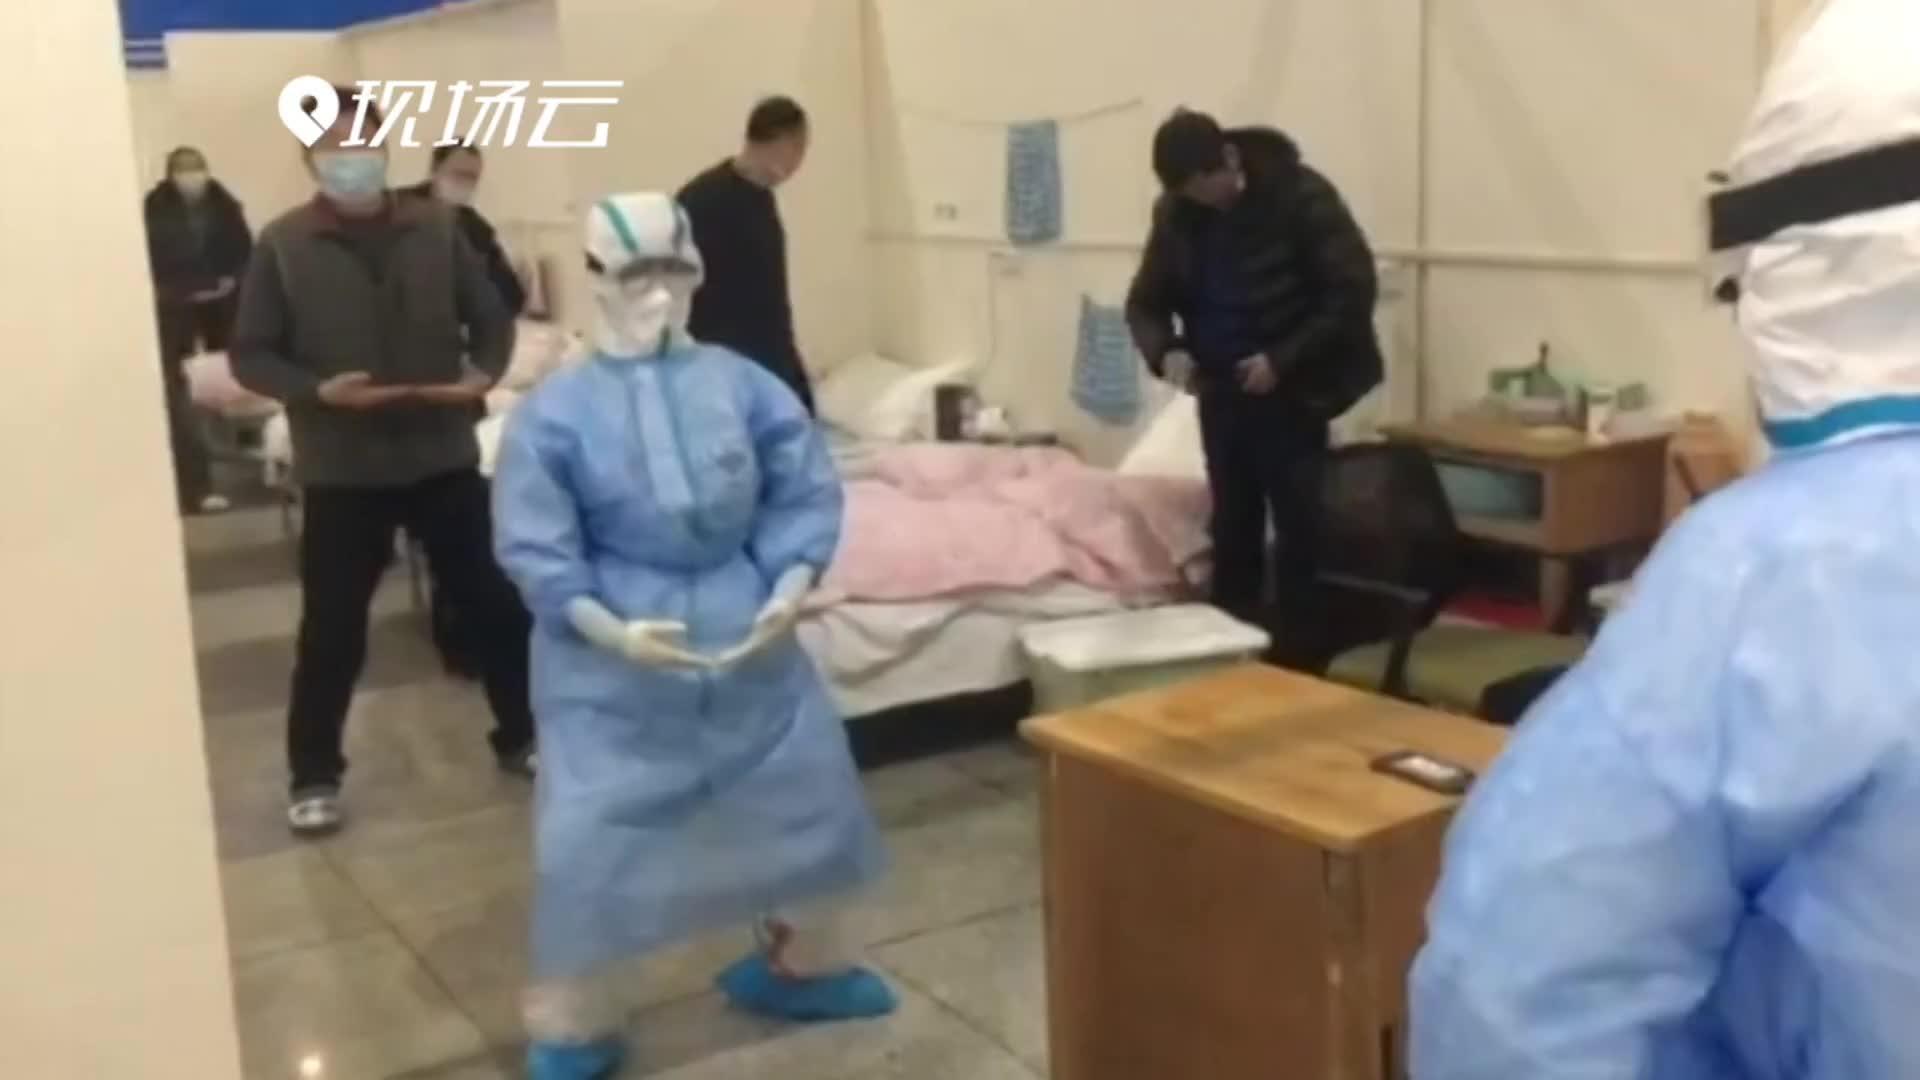 双手托天理三焦 他们在方舱医院练起八段锦